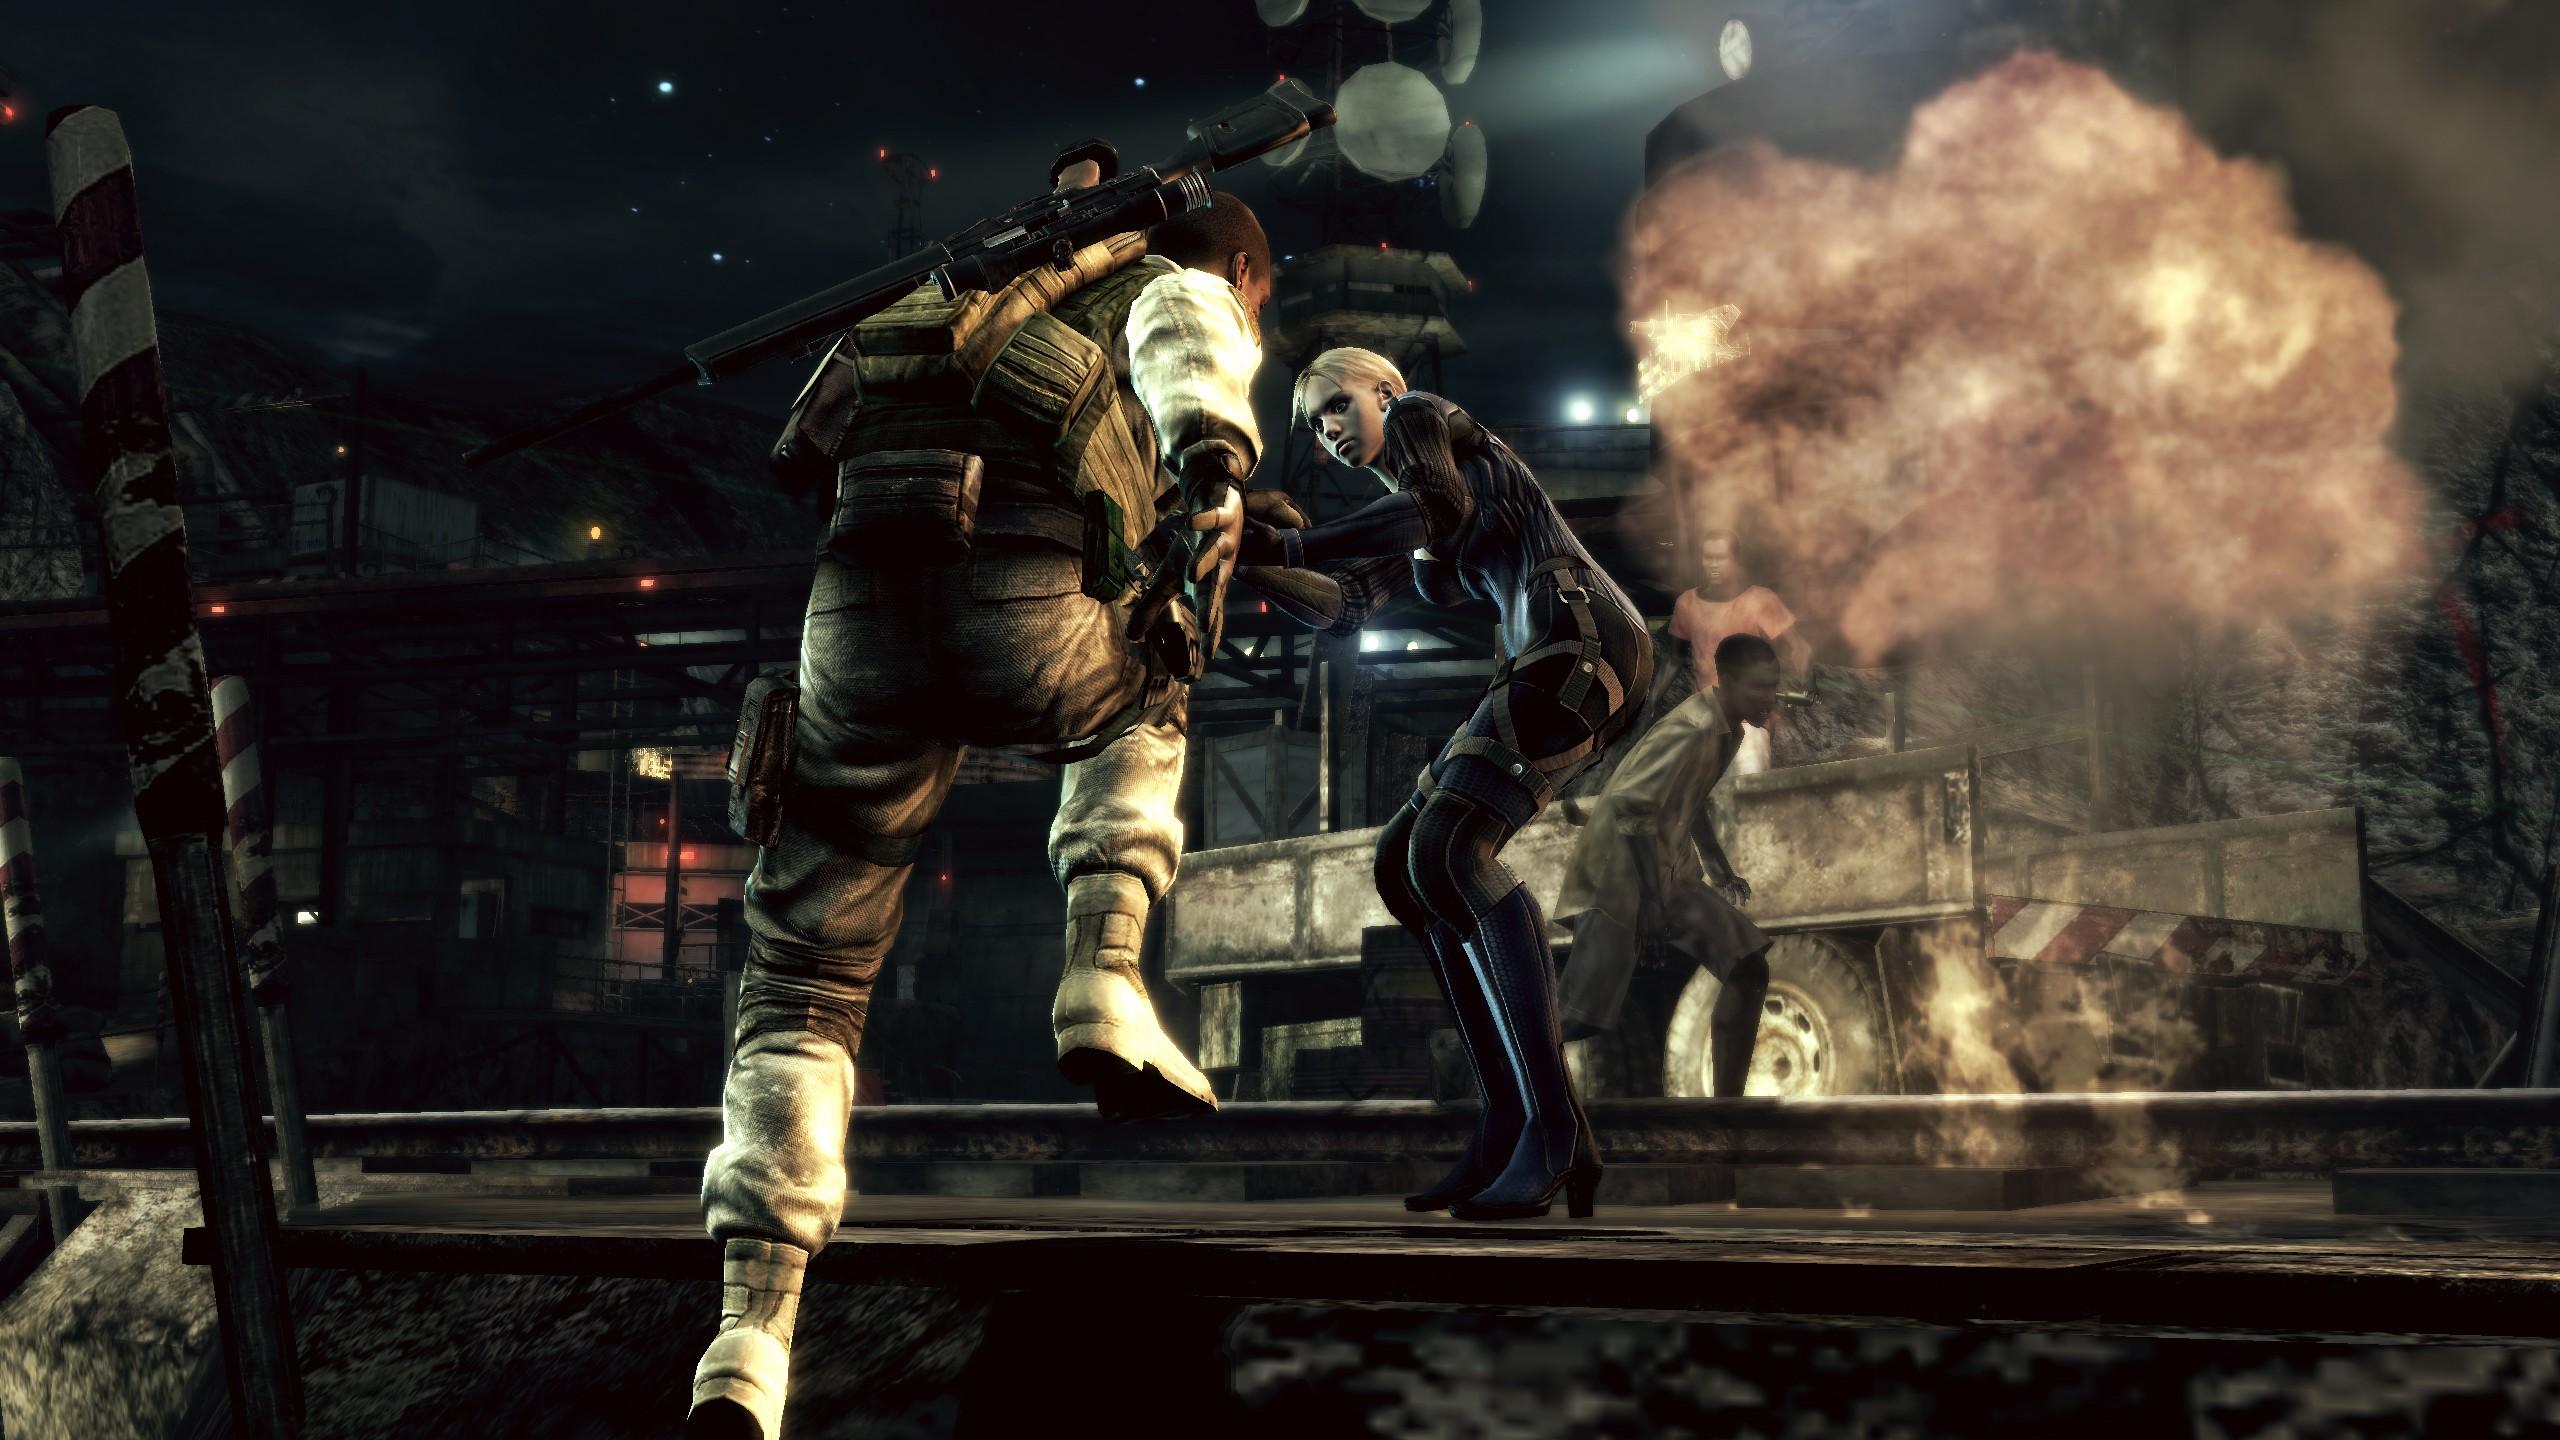 Resident evil 5 sheva cloning mods adult images